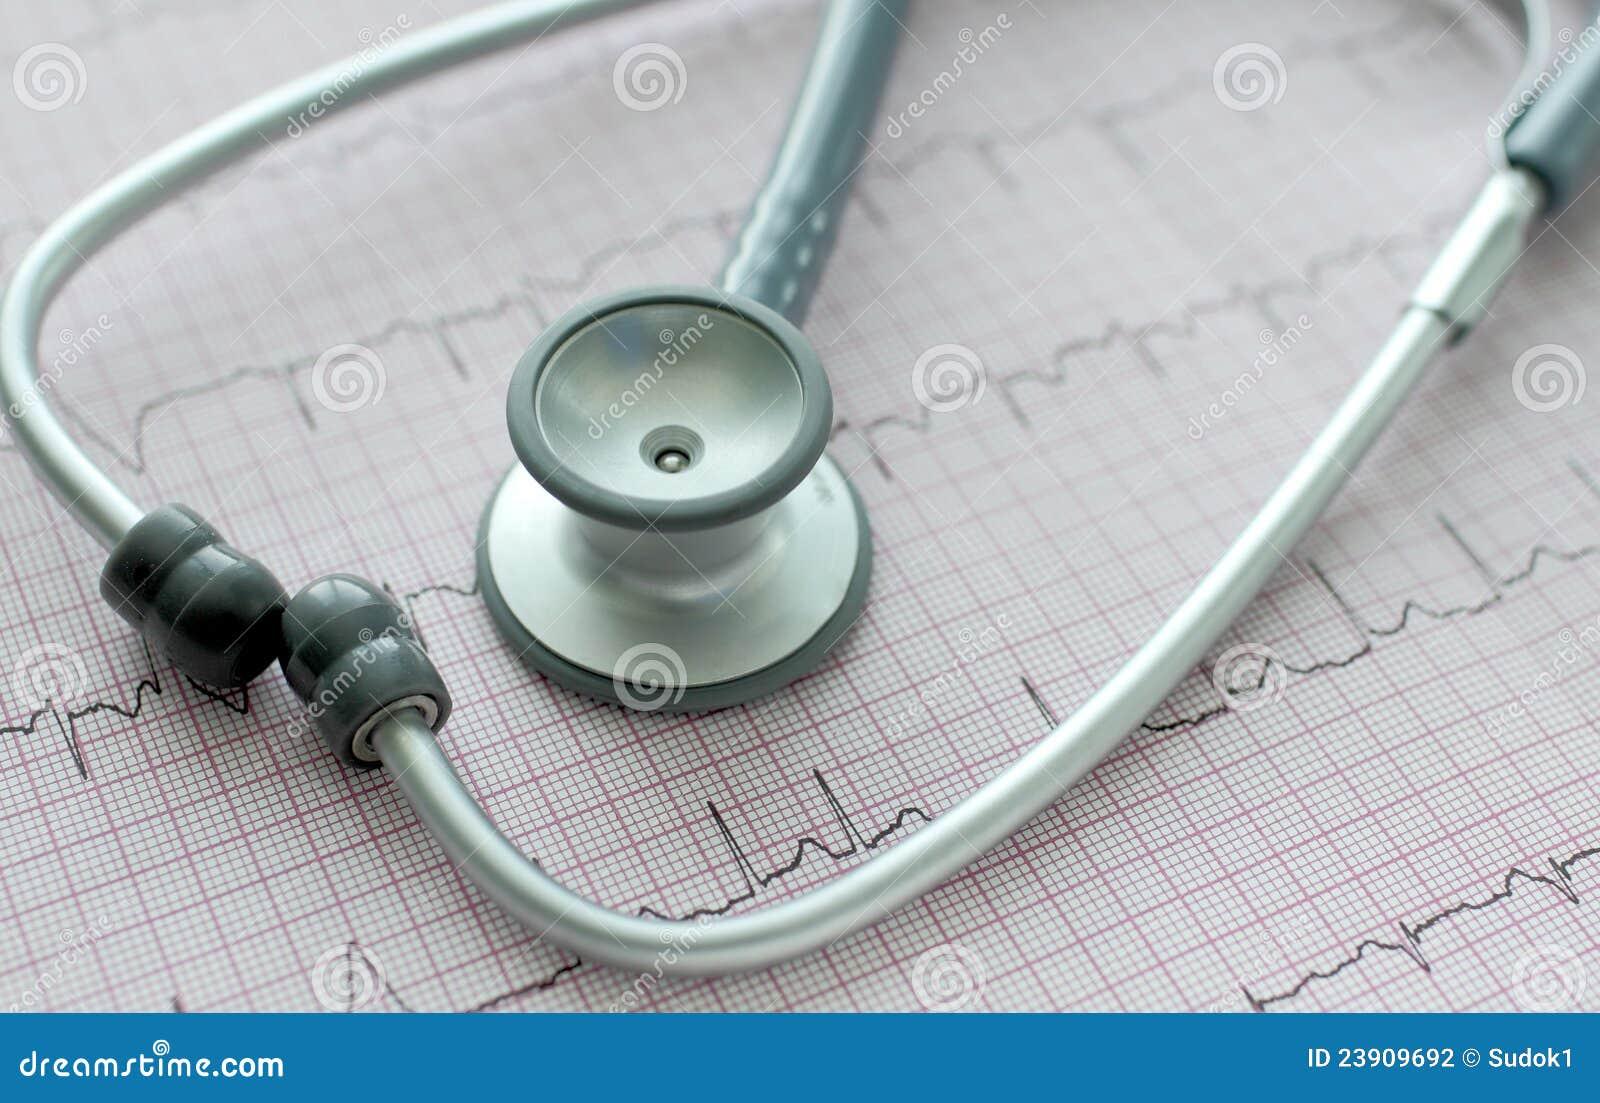 Stethoscope on the ECG.